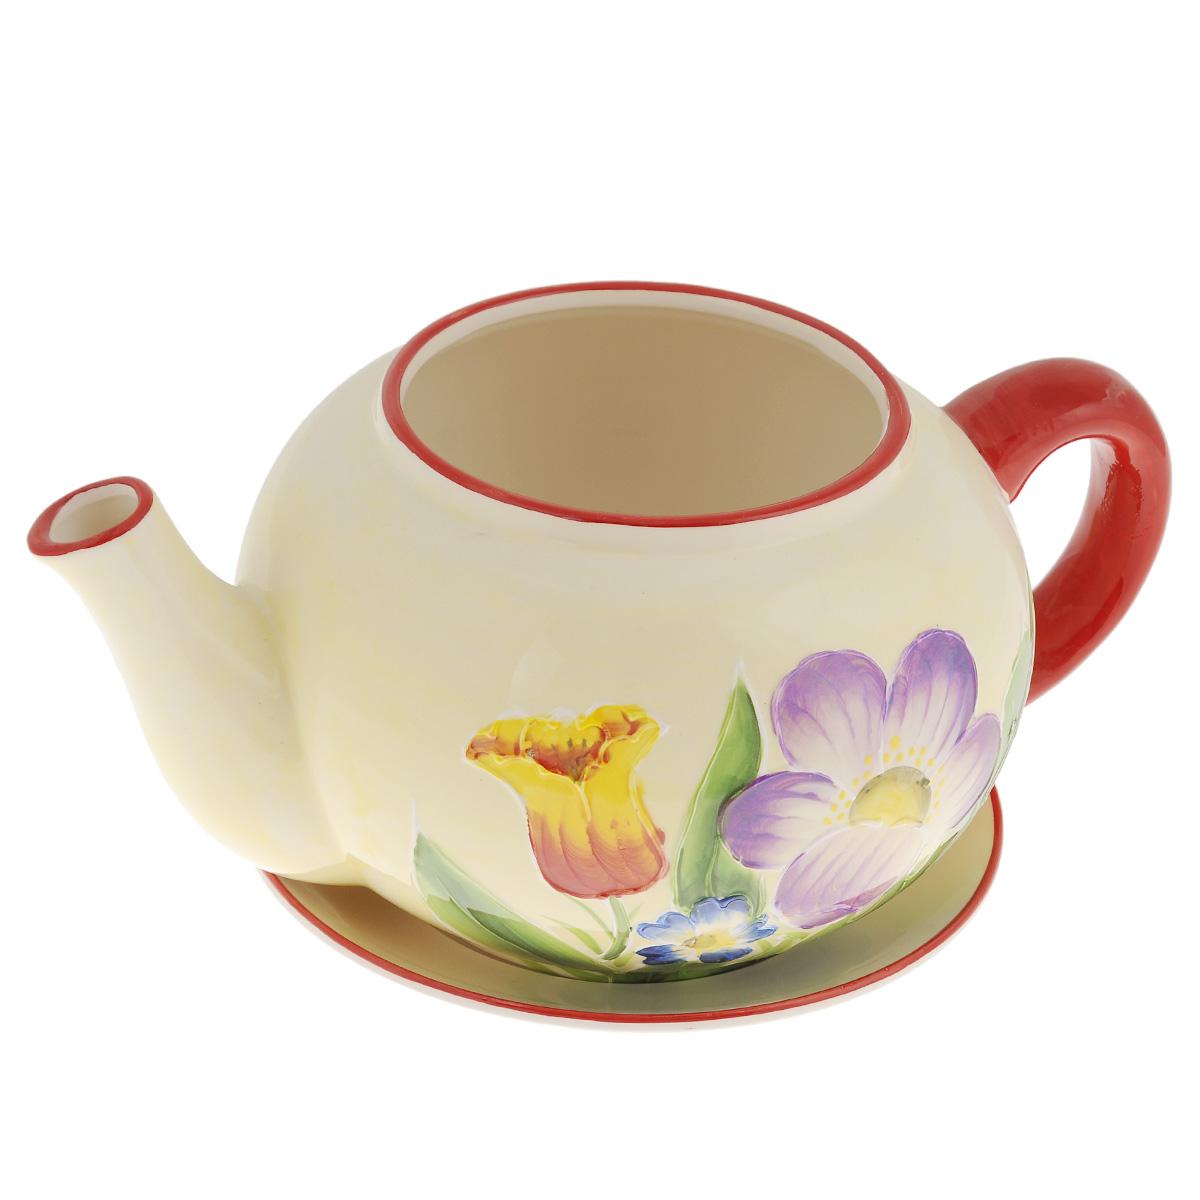 Кашпо Lillo Заварочный чайник, с поддоном. XY10S015-1DXY10S015-1DКашпо-горшок для цветов Lillo Заварочный чайник выполнен из прочной керамики и декорирован красочным рисунком. Изделие предназначено для цветов.Такие изделия часто становятся последним штрихом, который совершенно изменяет интерьер помещения или ландшафтный дизайн сада. Благодаря такому кашпо вы сможете украсить вашу комнату, офис, сад и другие места. Изделие оснащено специальным поддоном - блюдцем.Диаметр кашпо по верхнему краю: 12 см.Высота кашпо (без учета поддона): 14 см.Диаметр поддона: 20,5 см.